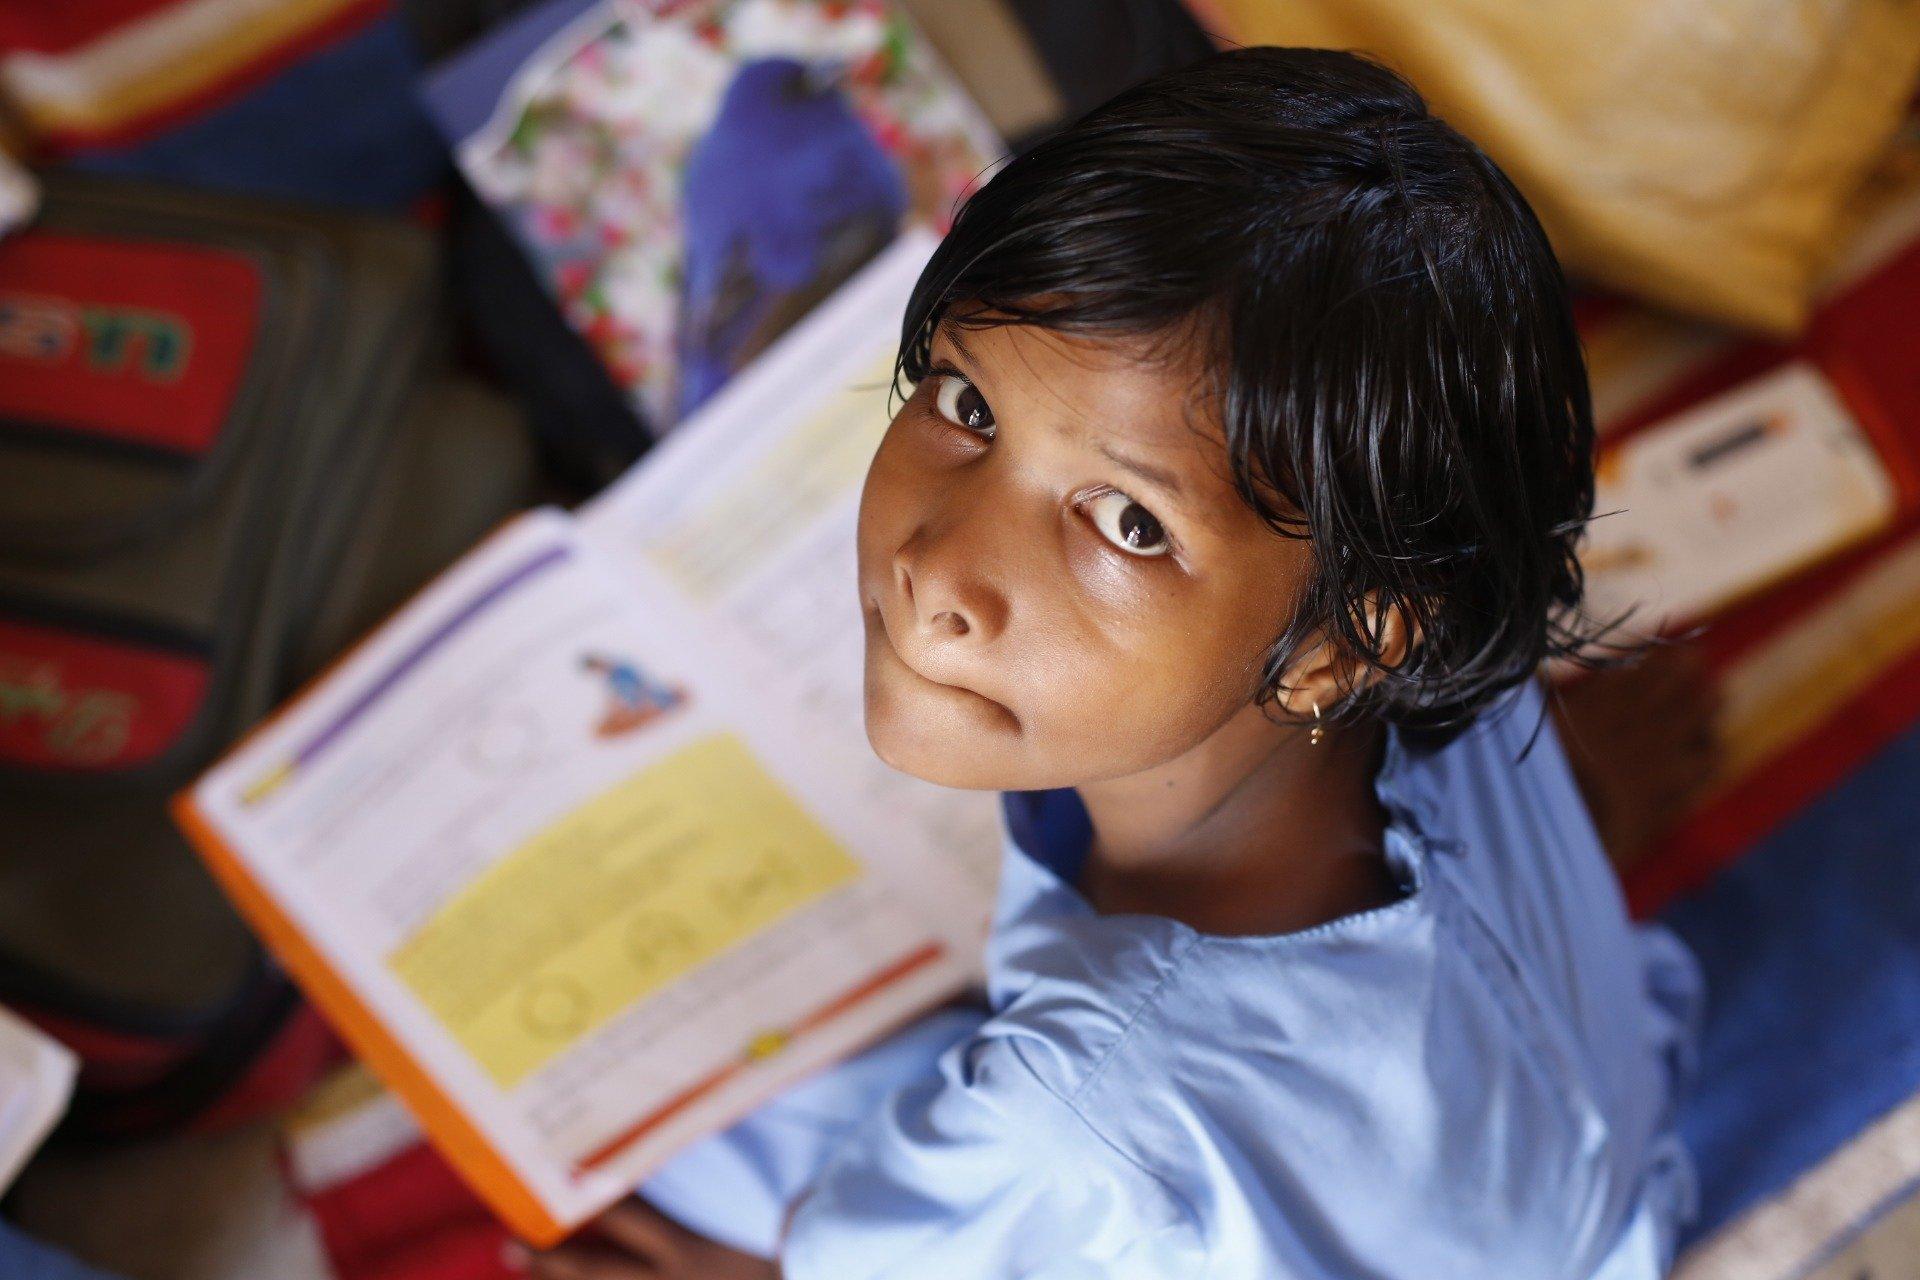 enfant-indien-etidie-livres-aprrentissage